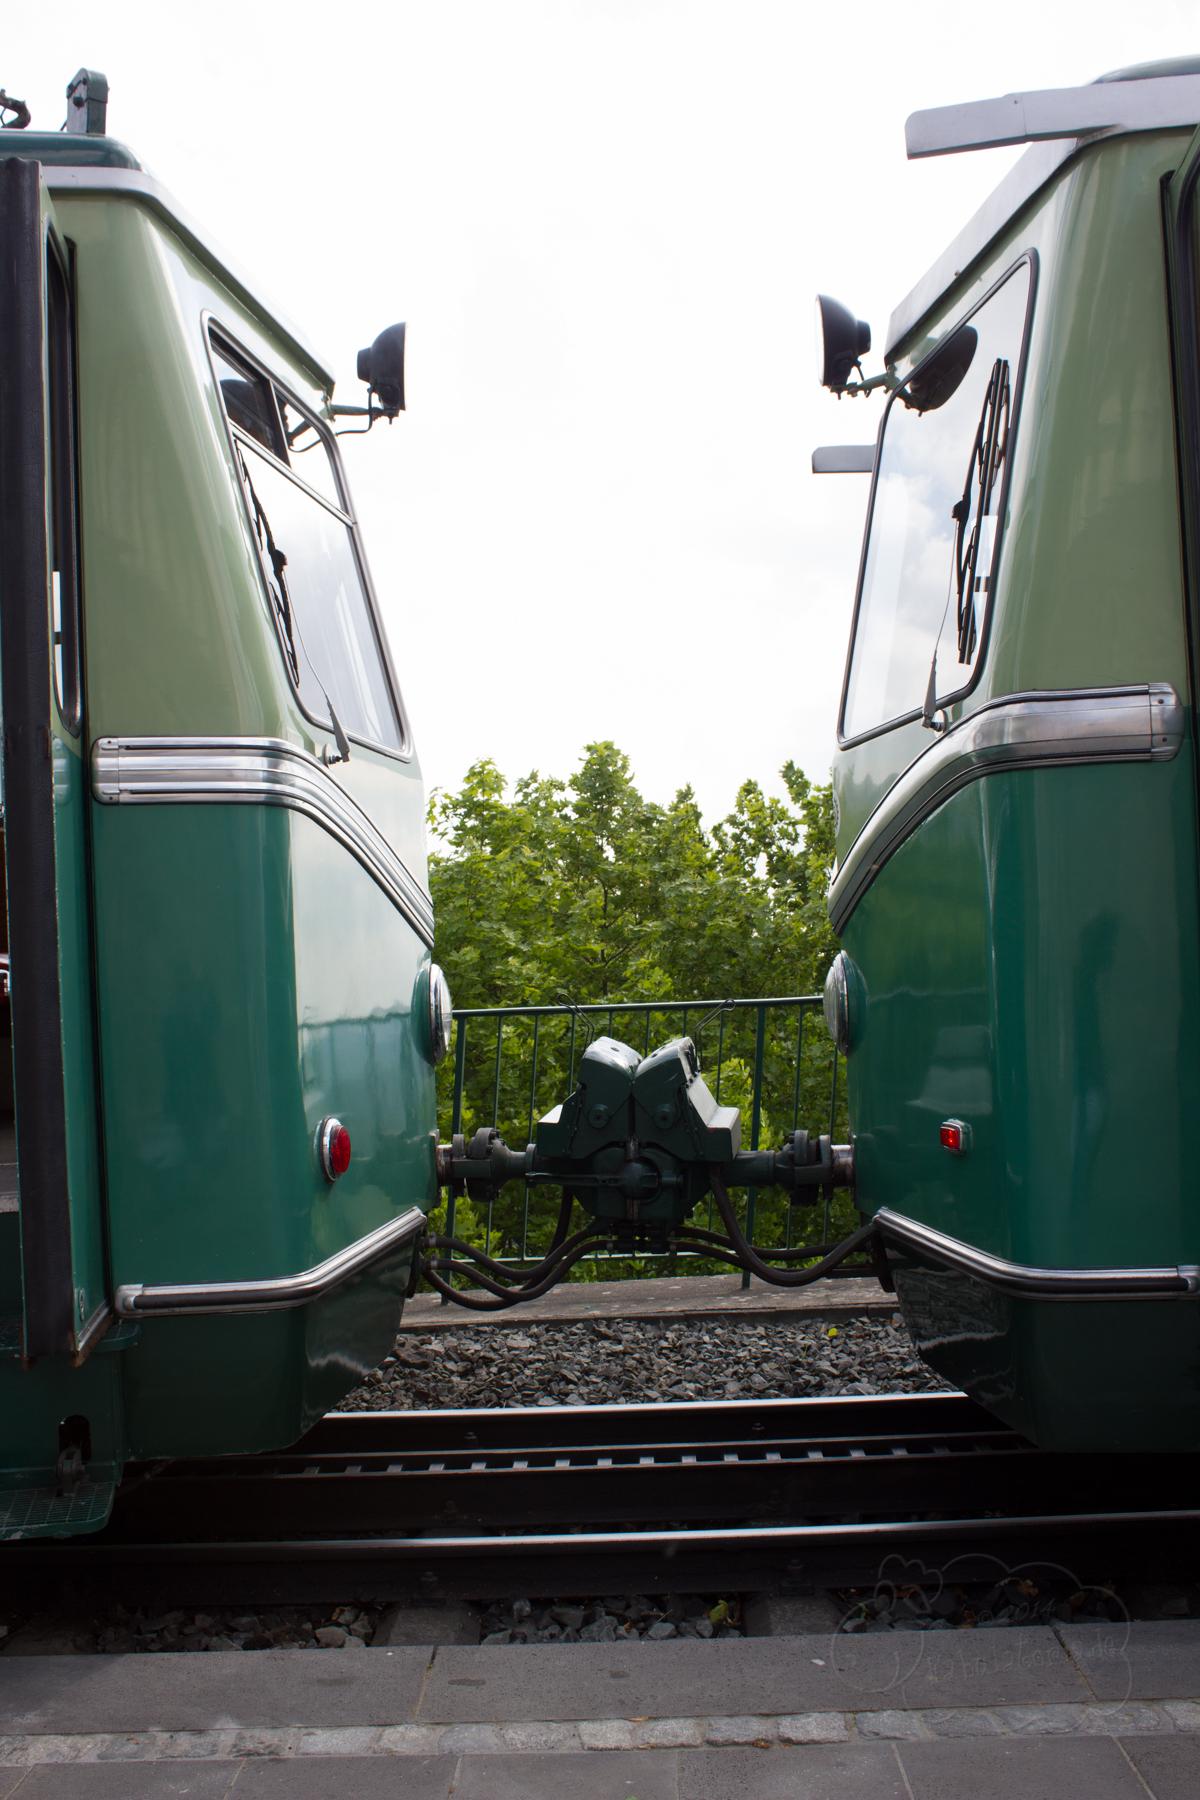 Zahnradbahn005